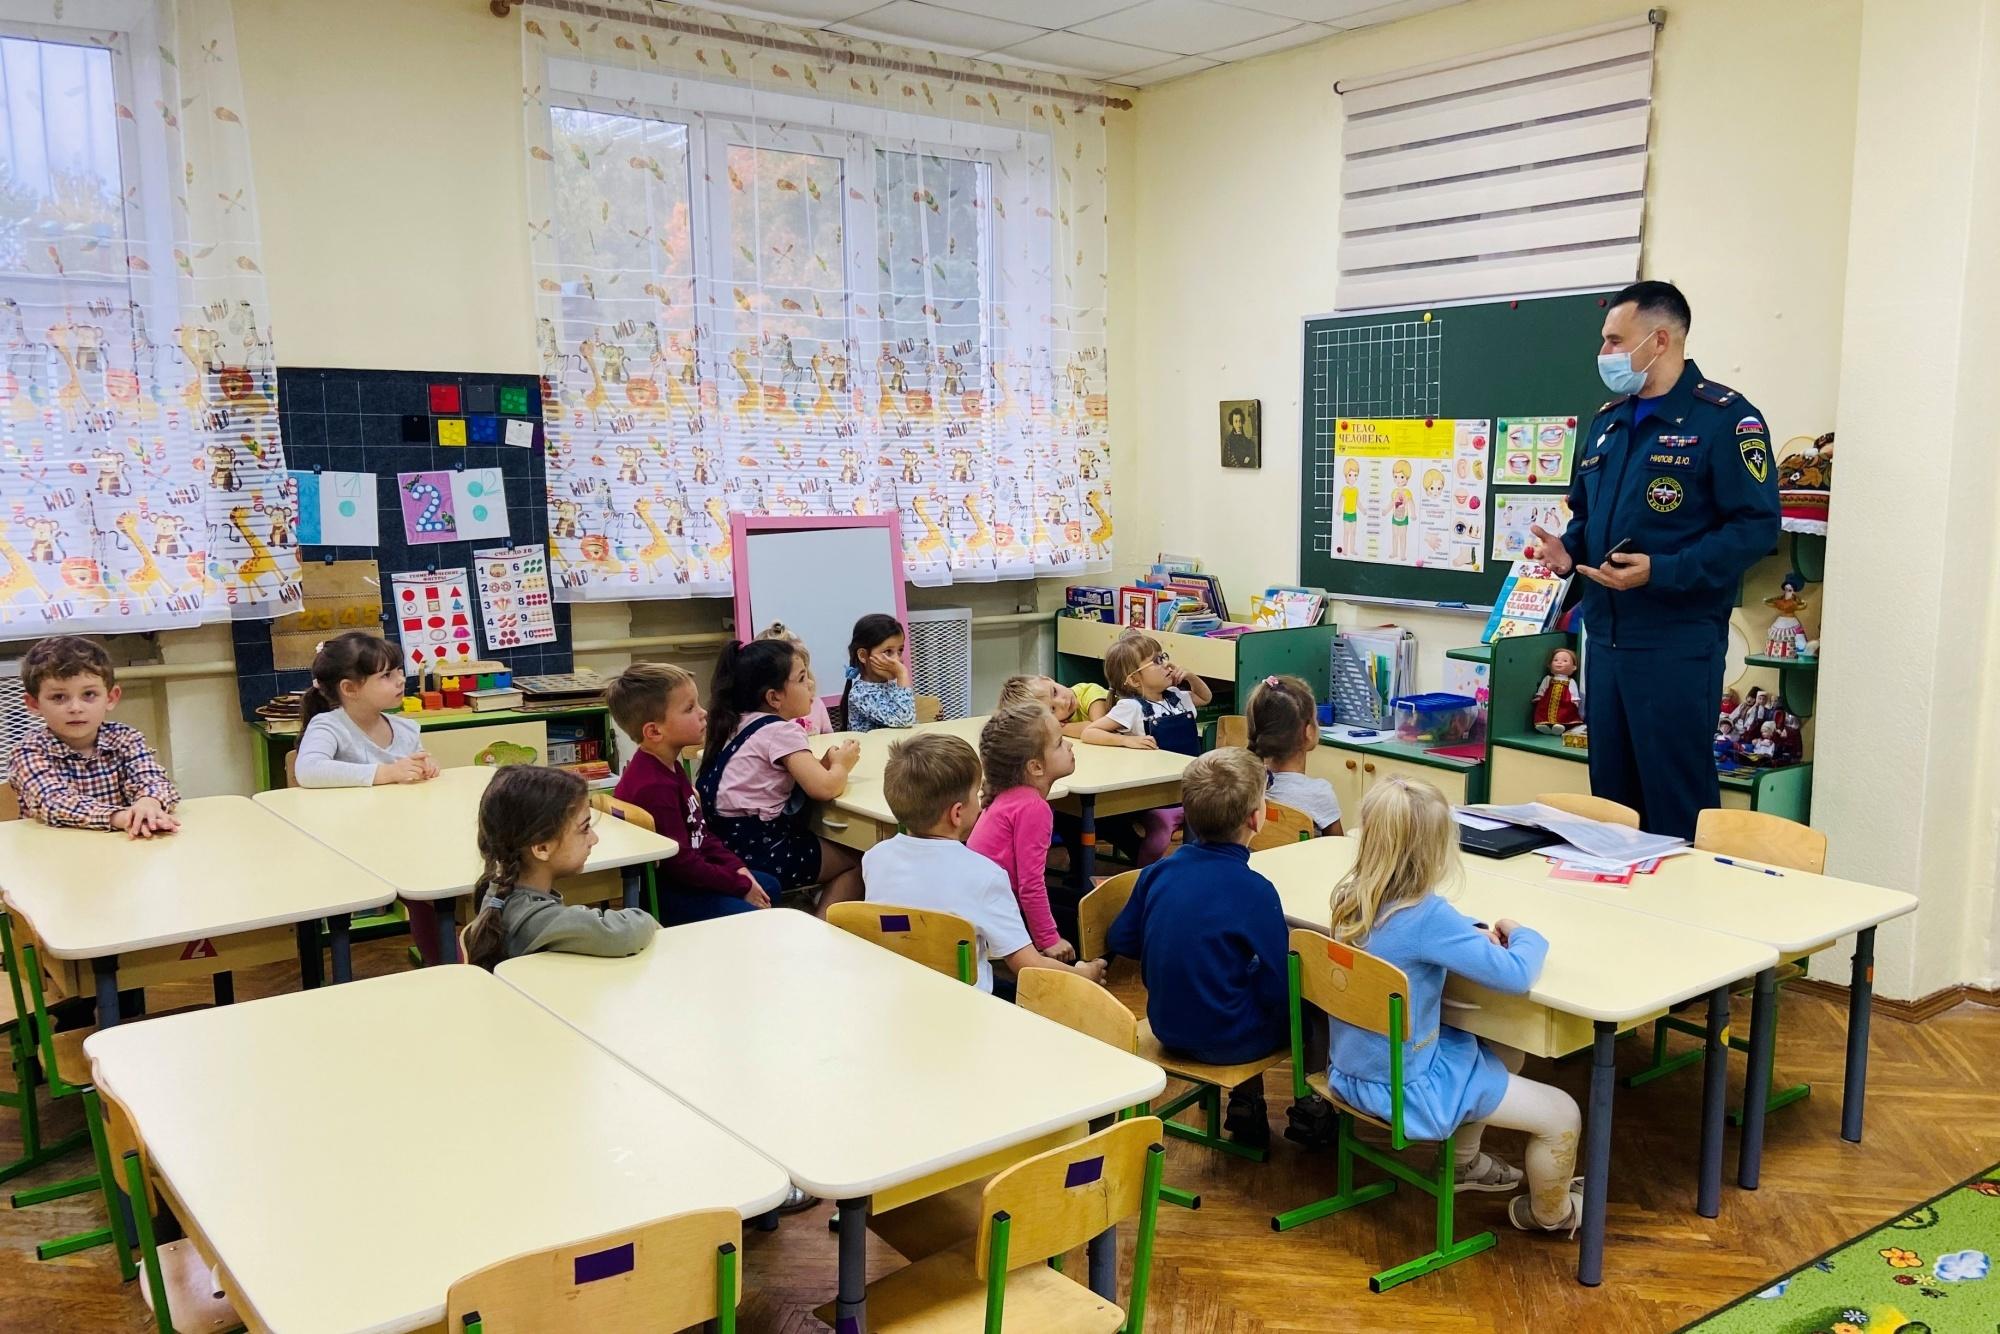 Дни пожарной безопасности прошли в образовательных учреждениях городского округа Солнечногорск